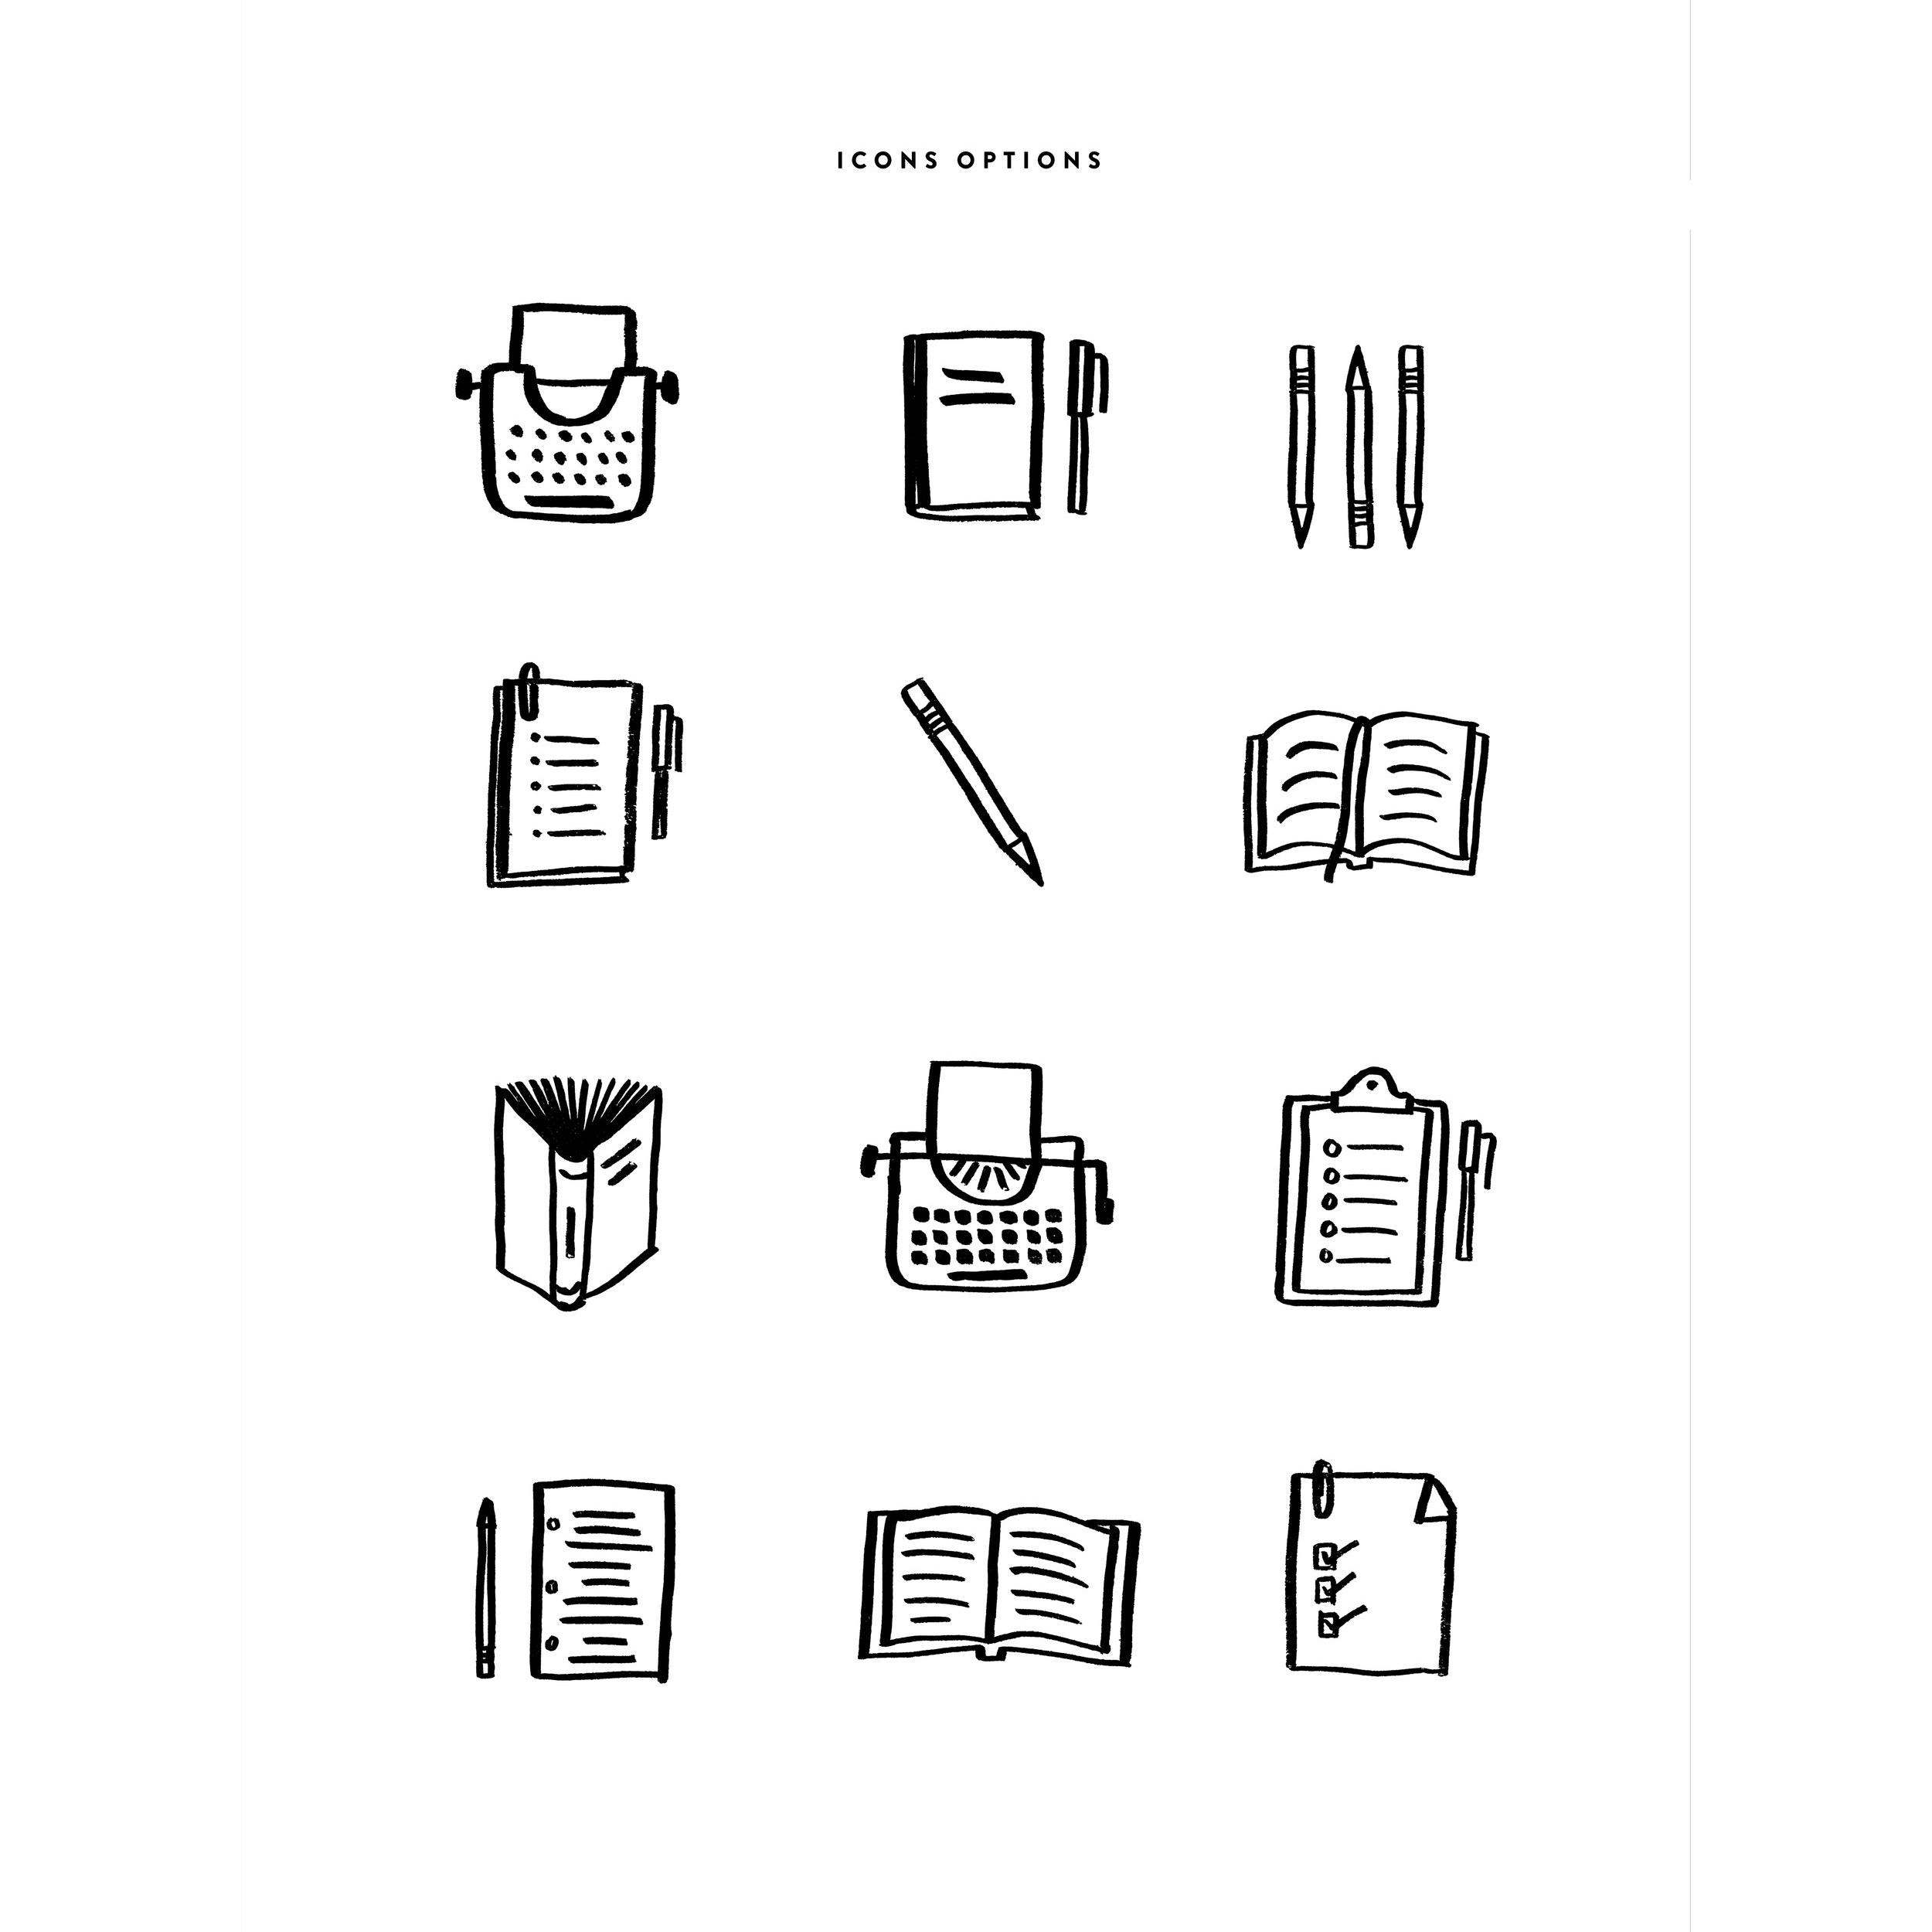 Project:  Writers' Icon Design for Website Elements   Client:  Jaime Hanson   https://www.jaimehanson.com/